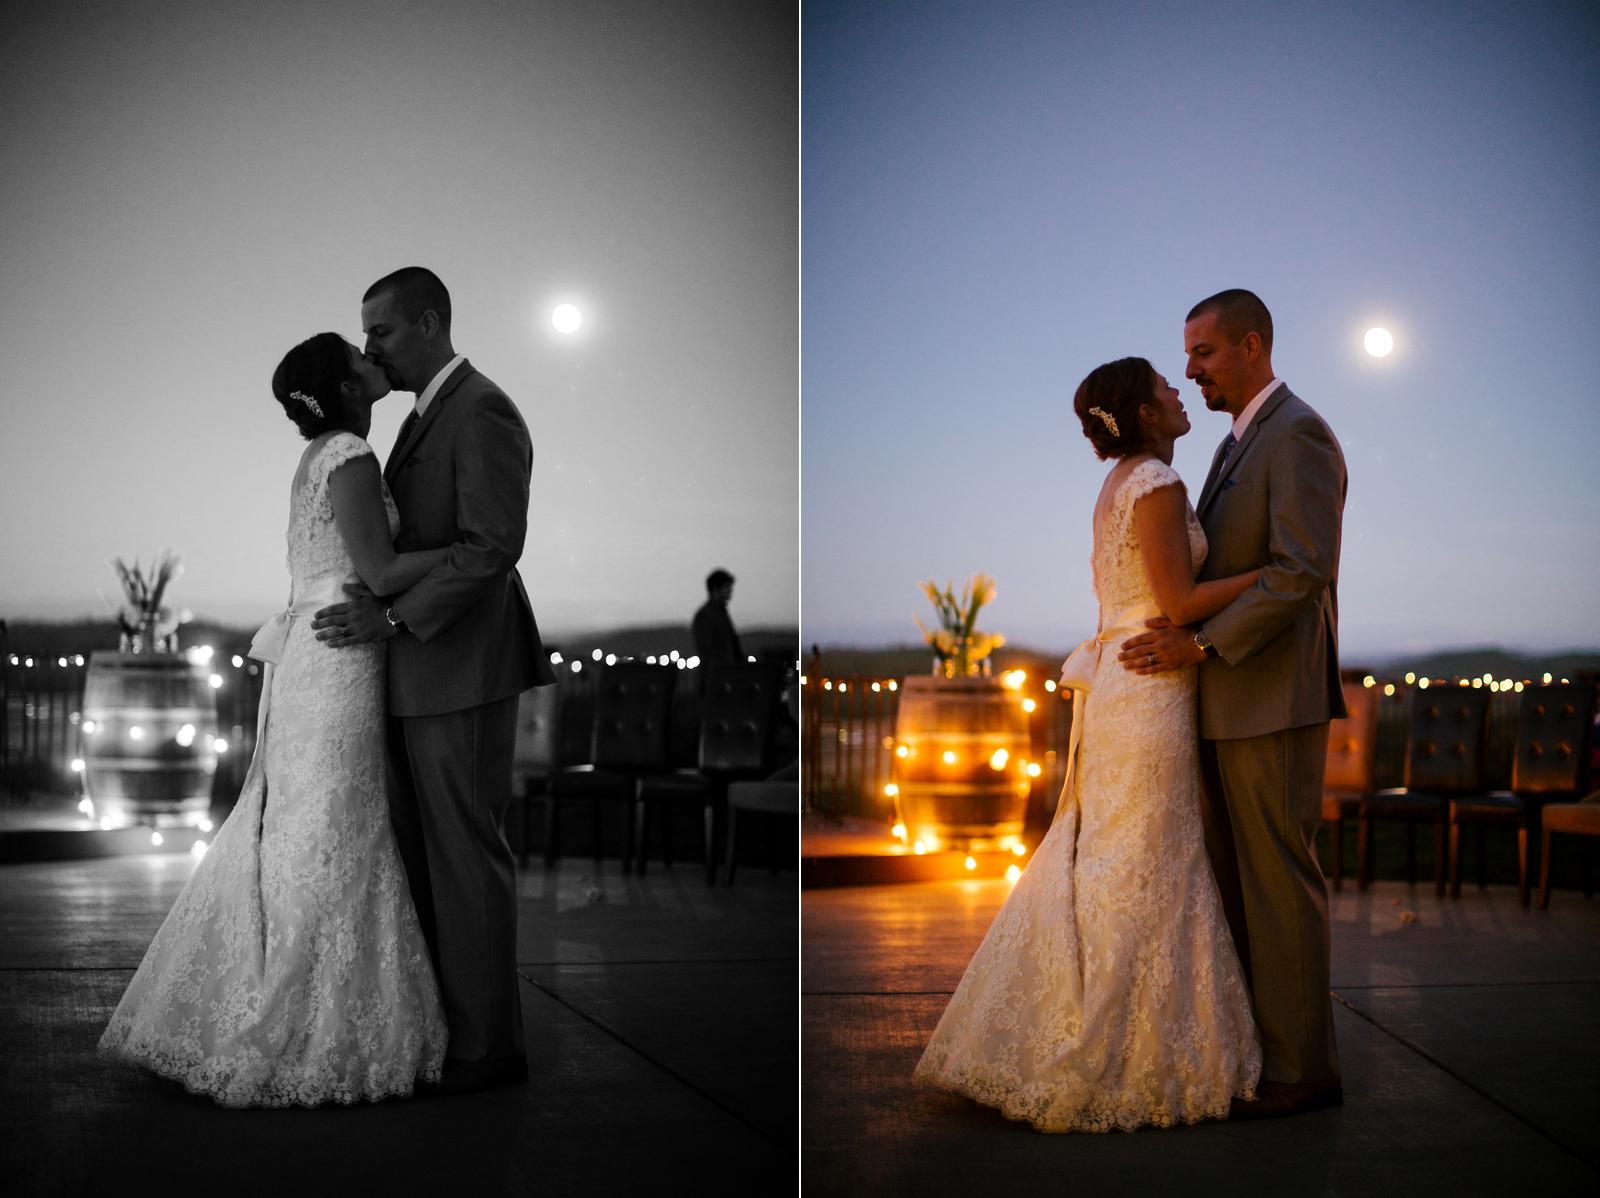 073-daronjackson-rich-wedding.jpg